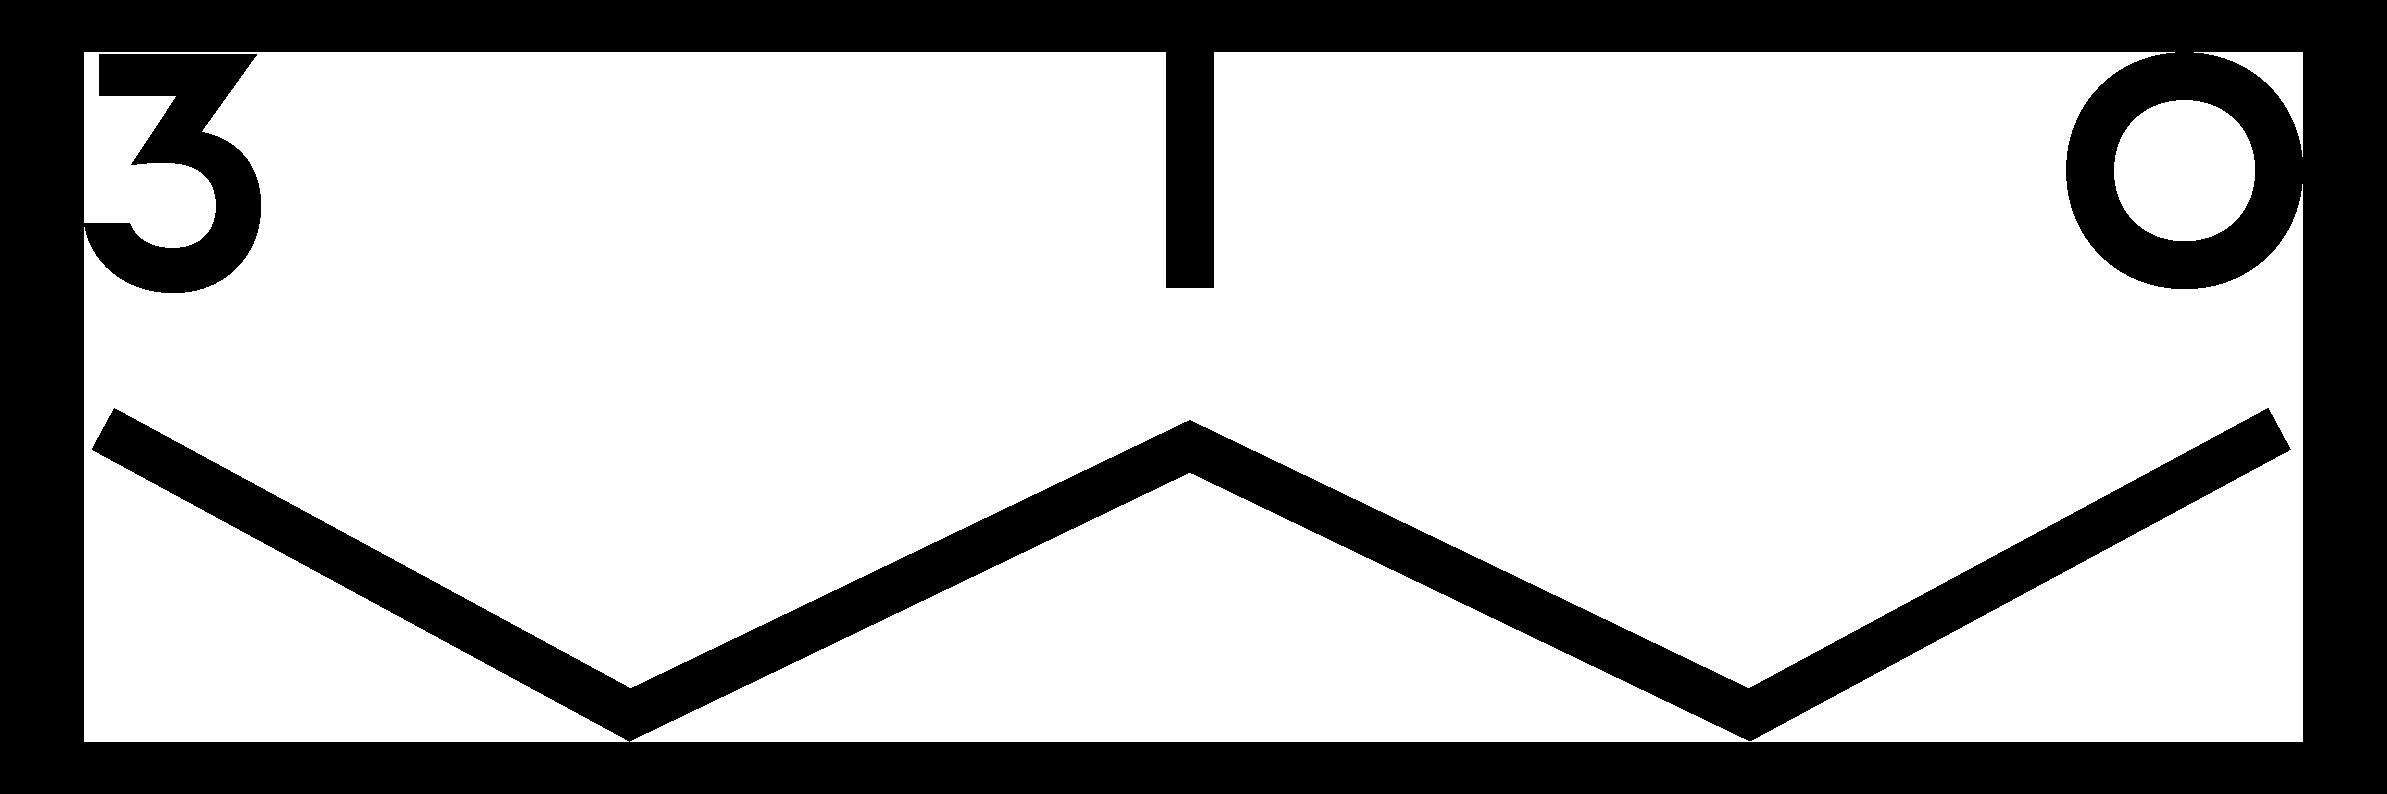 310W logo